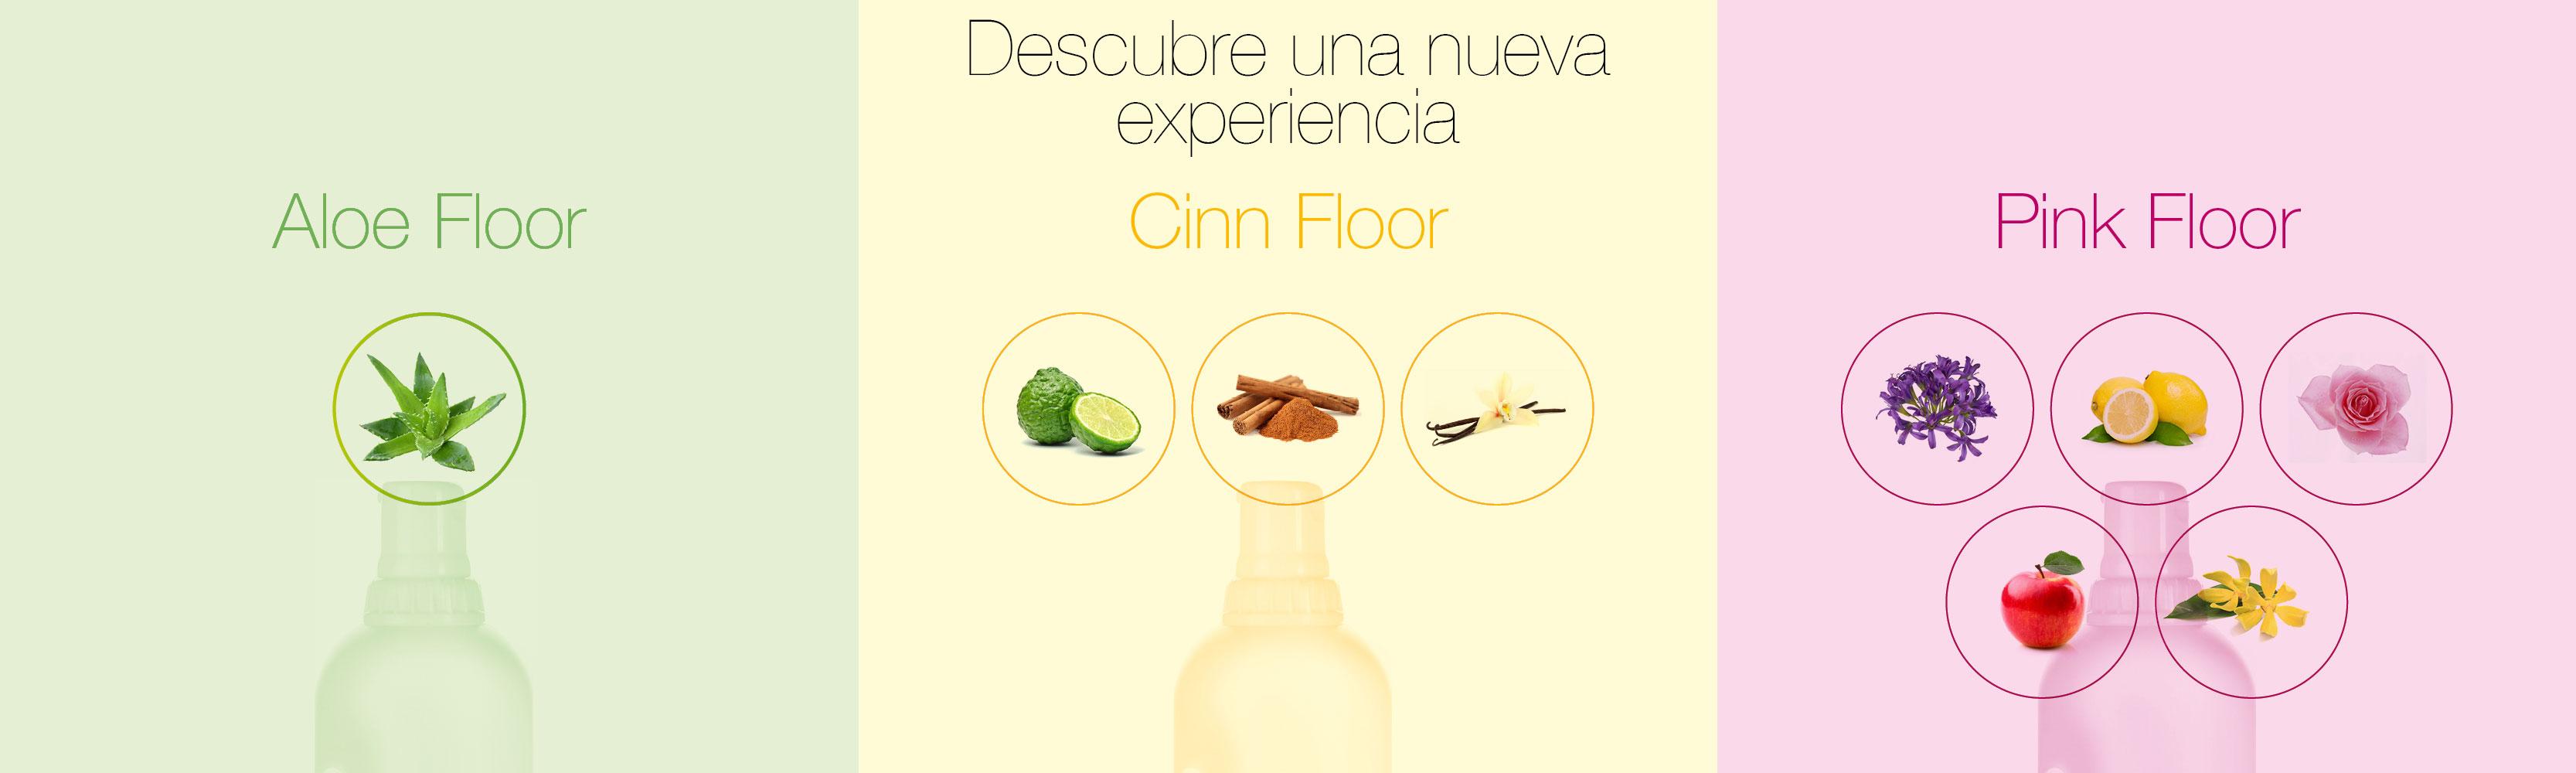 Cinn Floor | Pink Floor